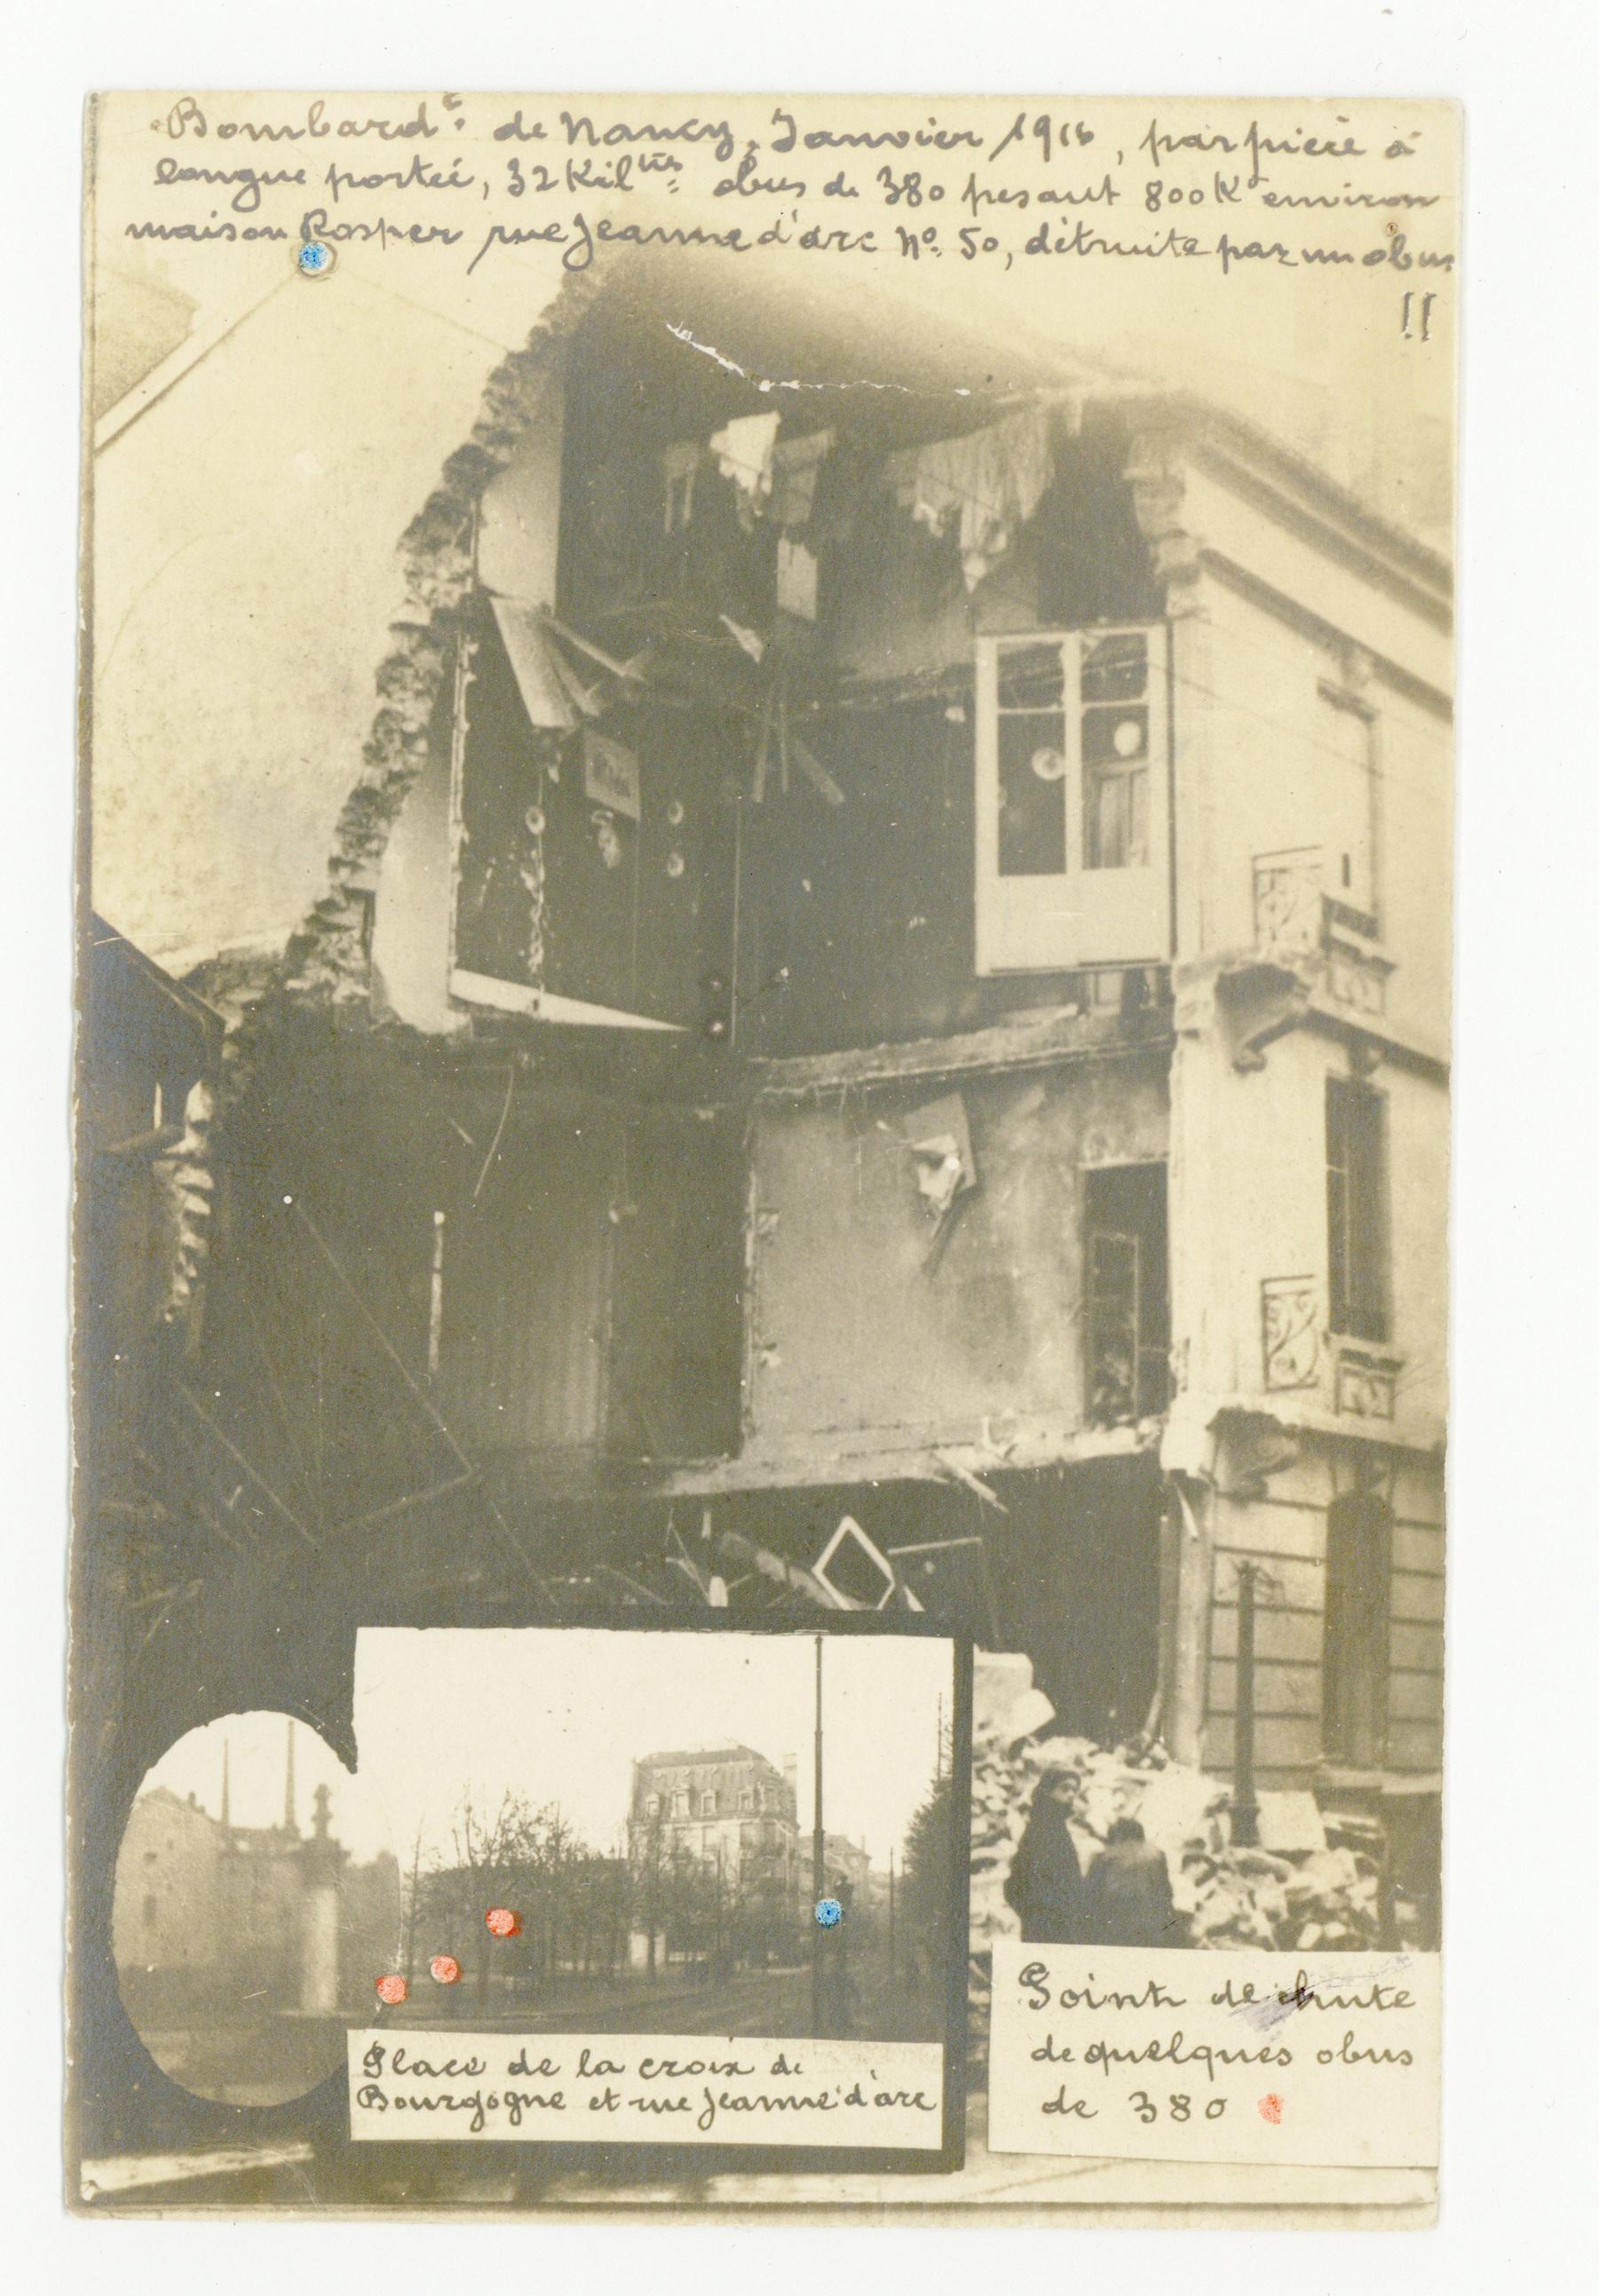 Contenu du Bombardement de janvier 1916, rue Jeanne d'Arc.